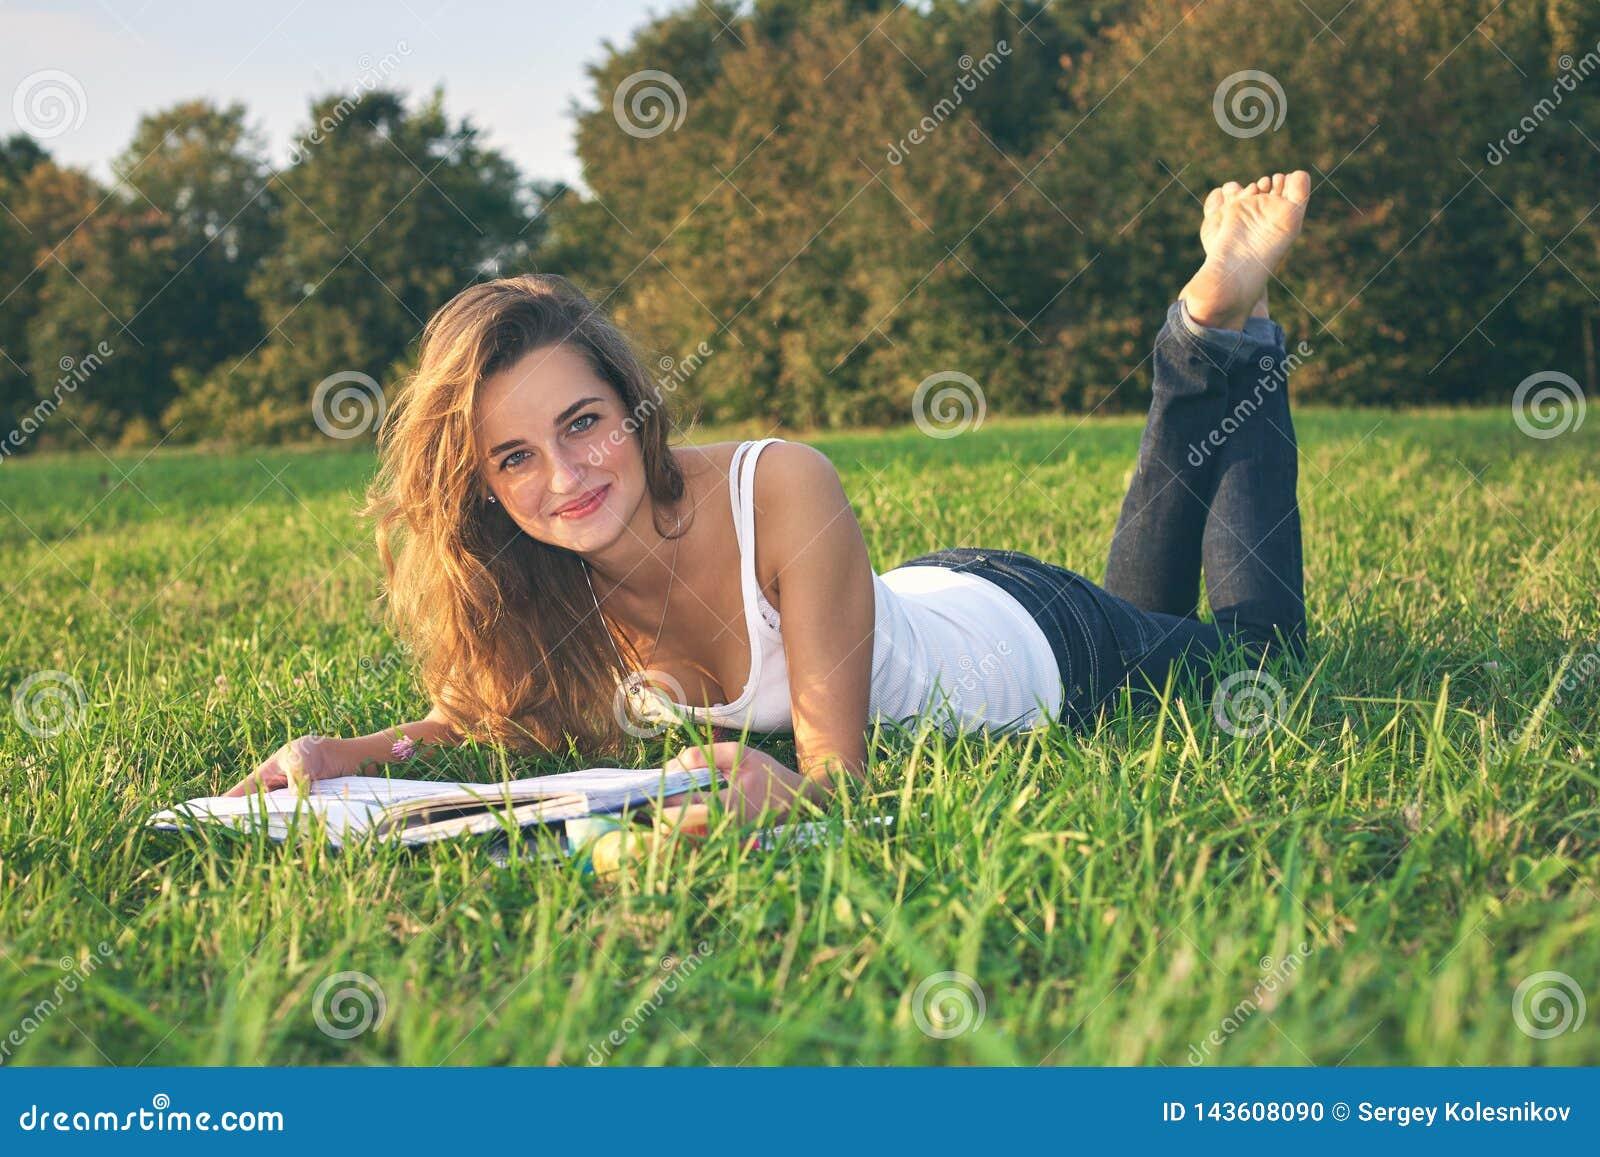 Leitura bonita da jovem mulher em um prado verde